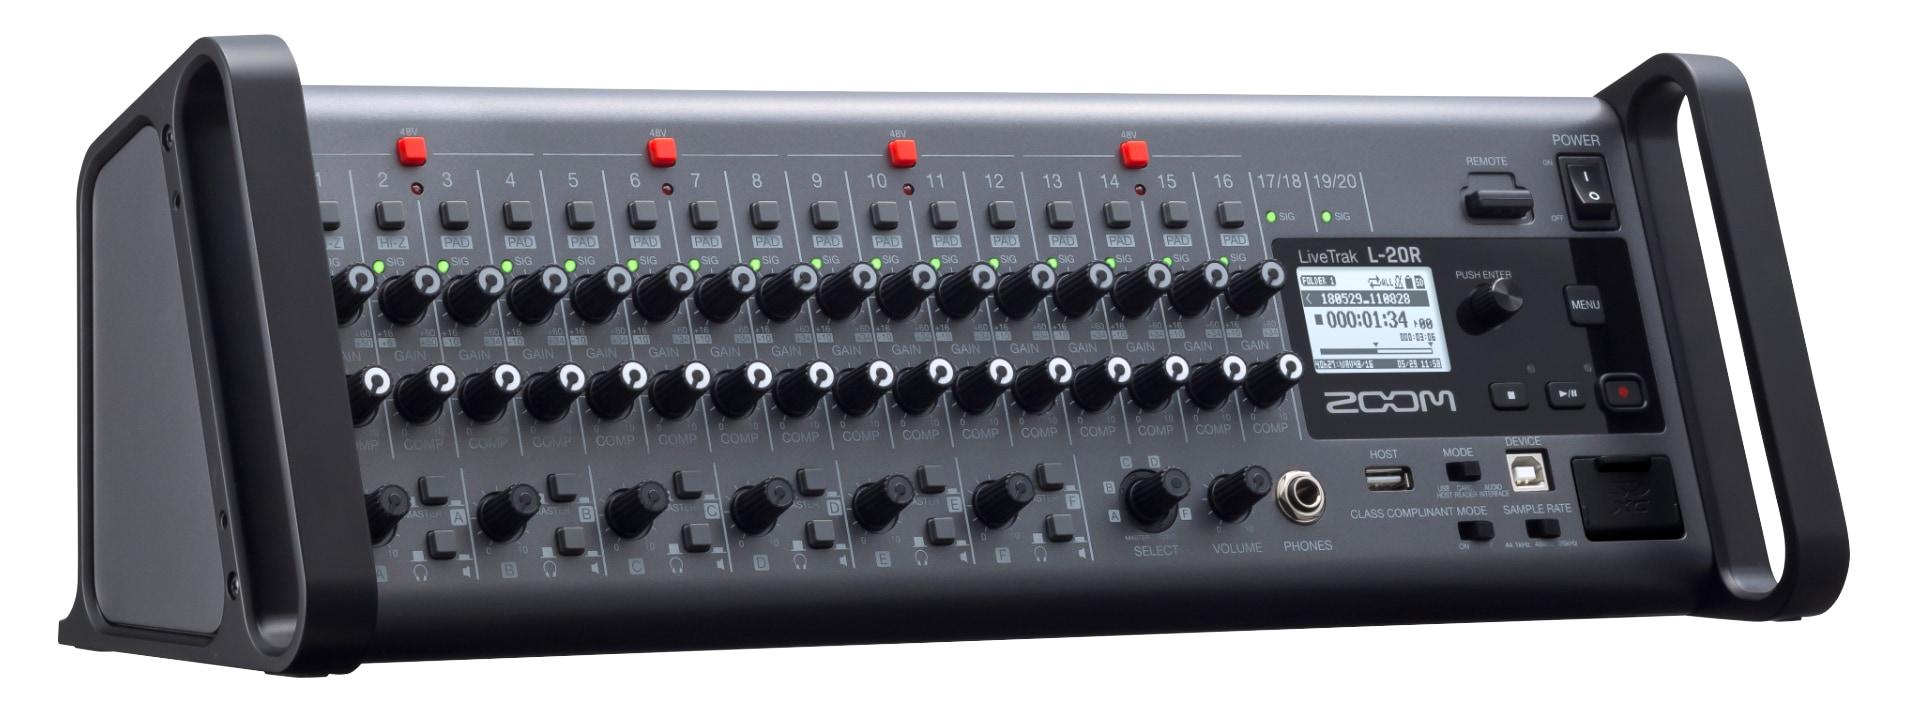 Mischpulte - Zoom LiveTrak L 20R - Onlineshop Musikhaus Kirstein